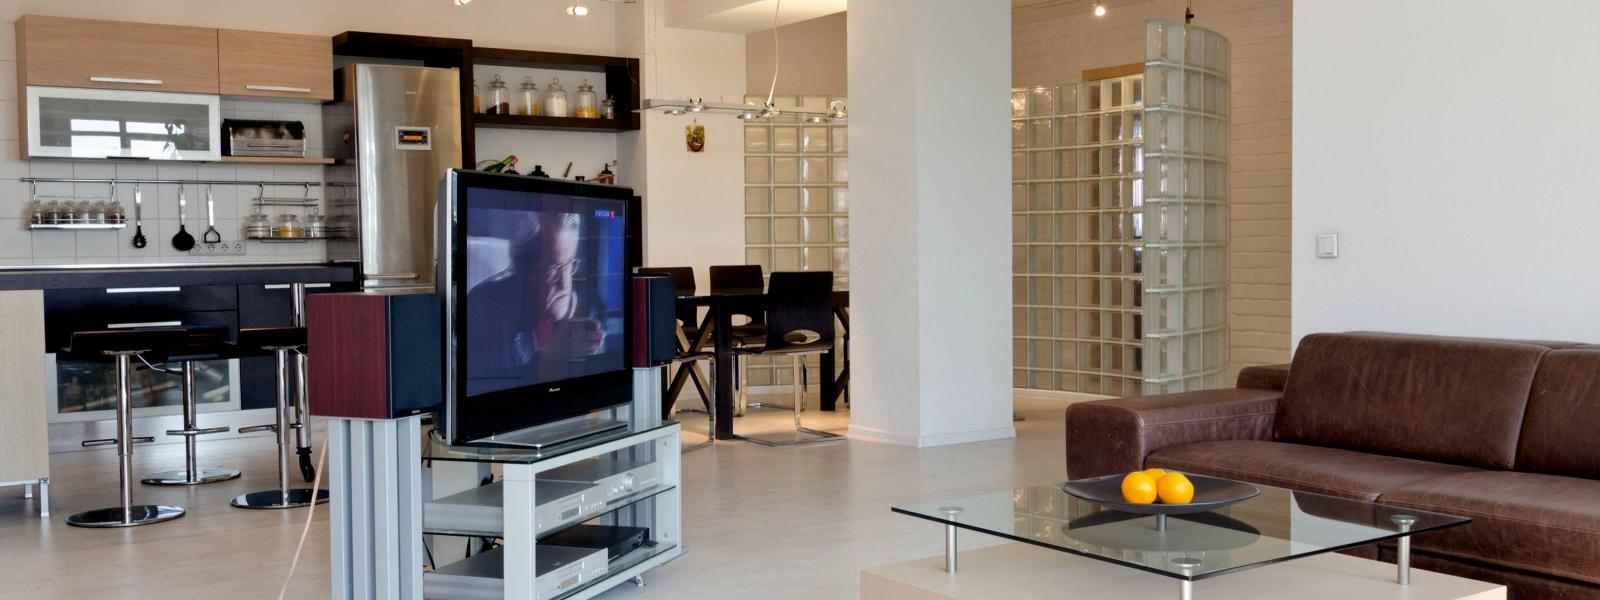 work-Интерьер трехкомнатной квартиры в Барнауле с перепланировкой и реконструкцией